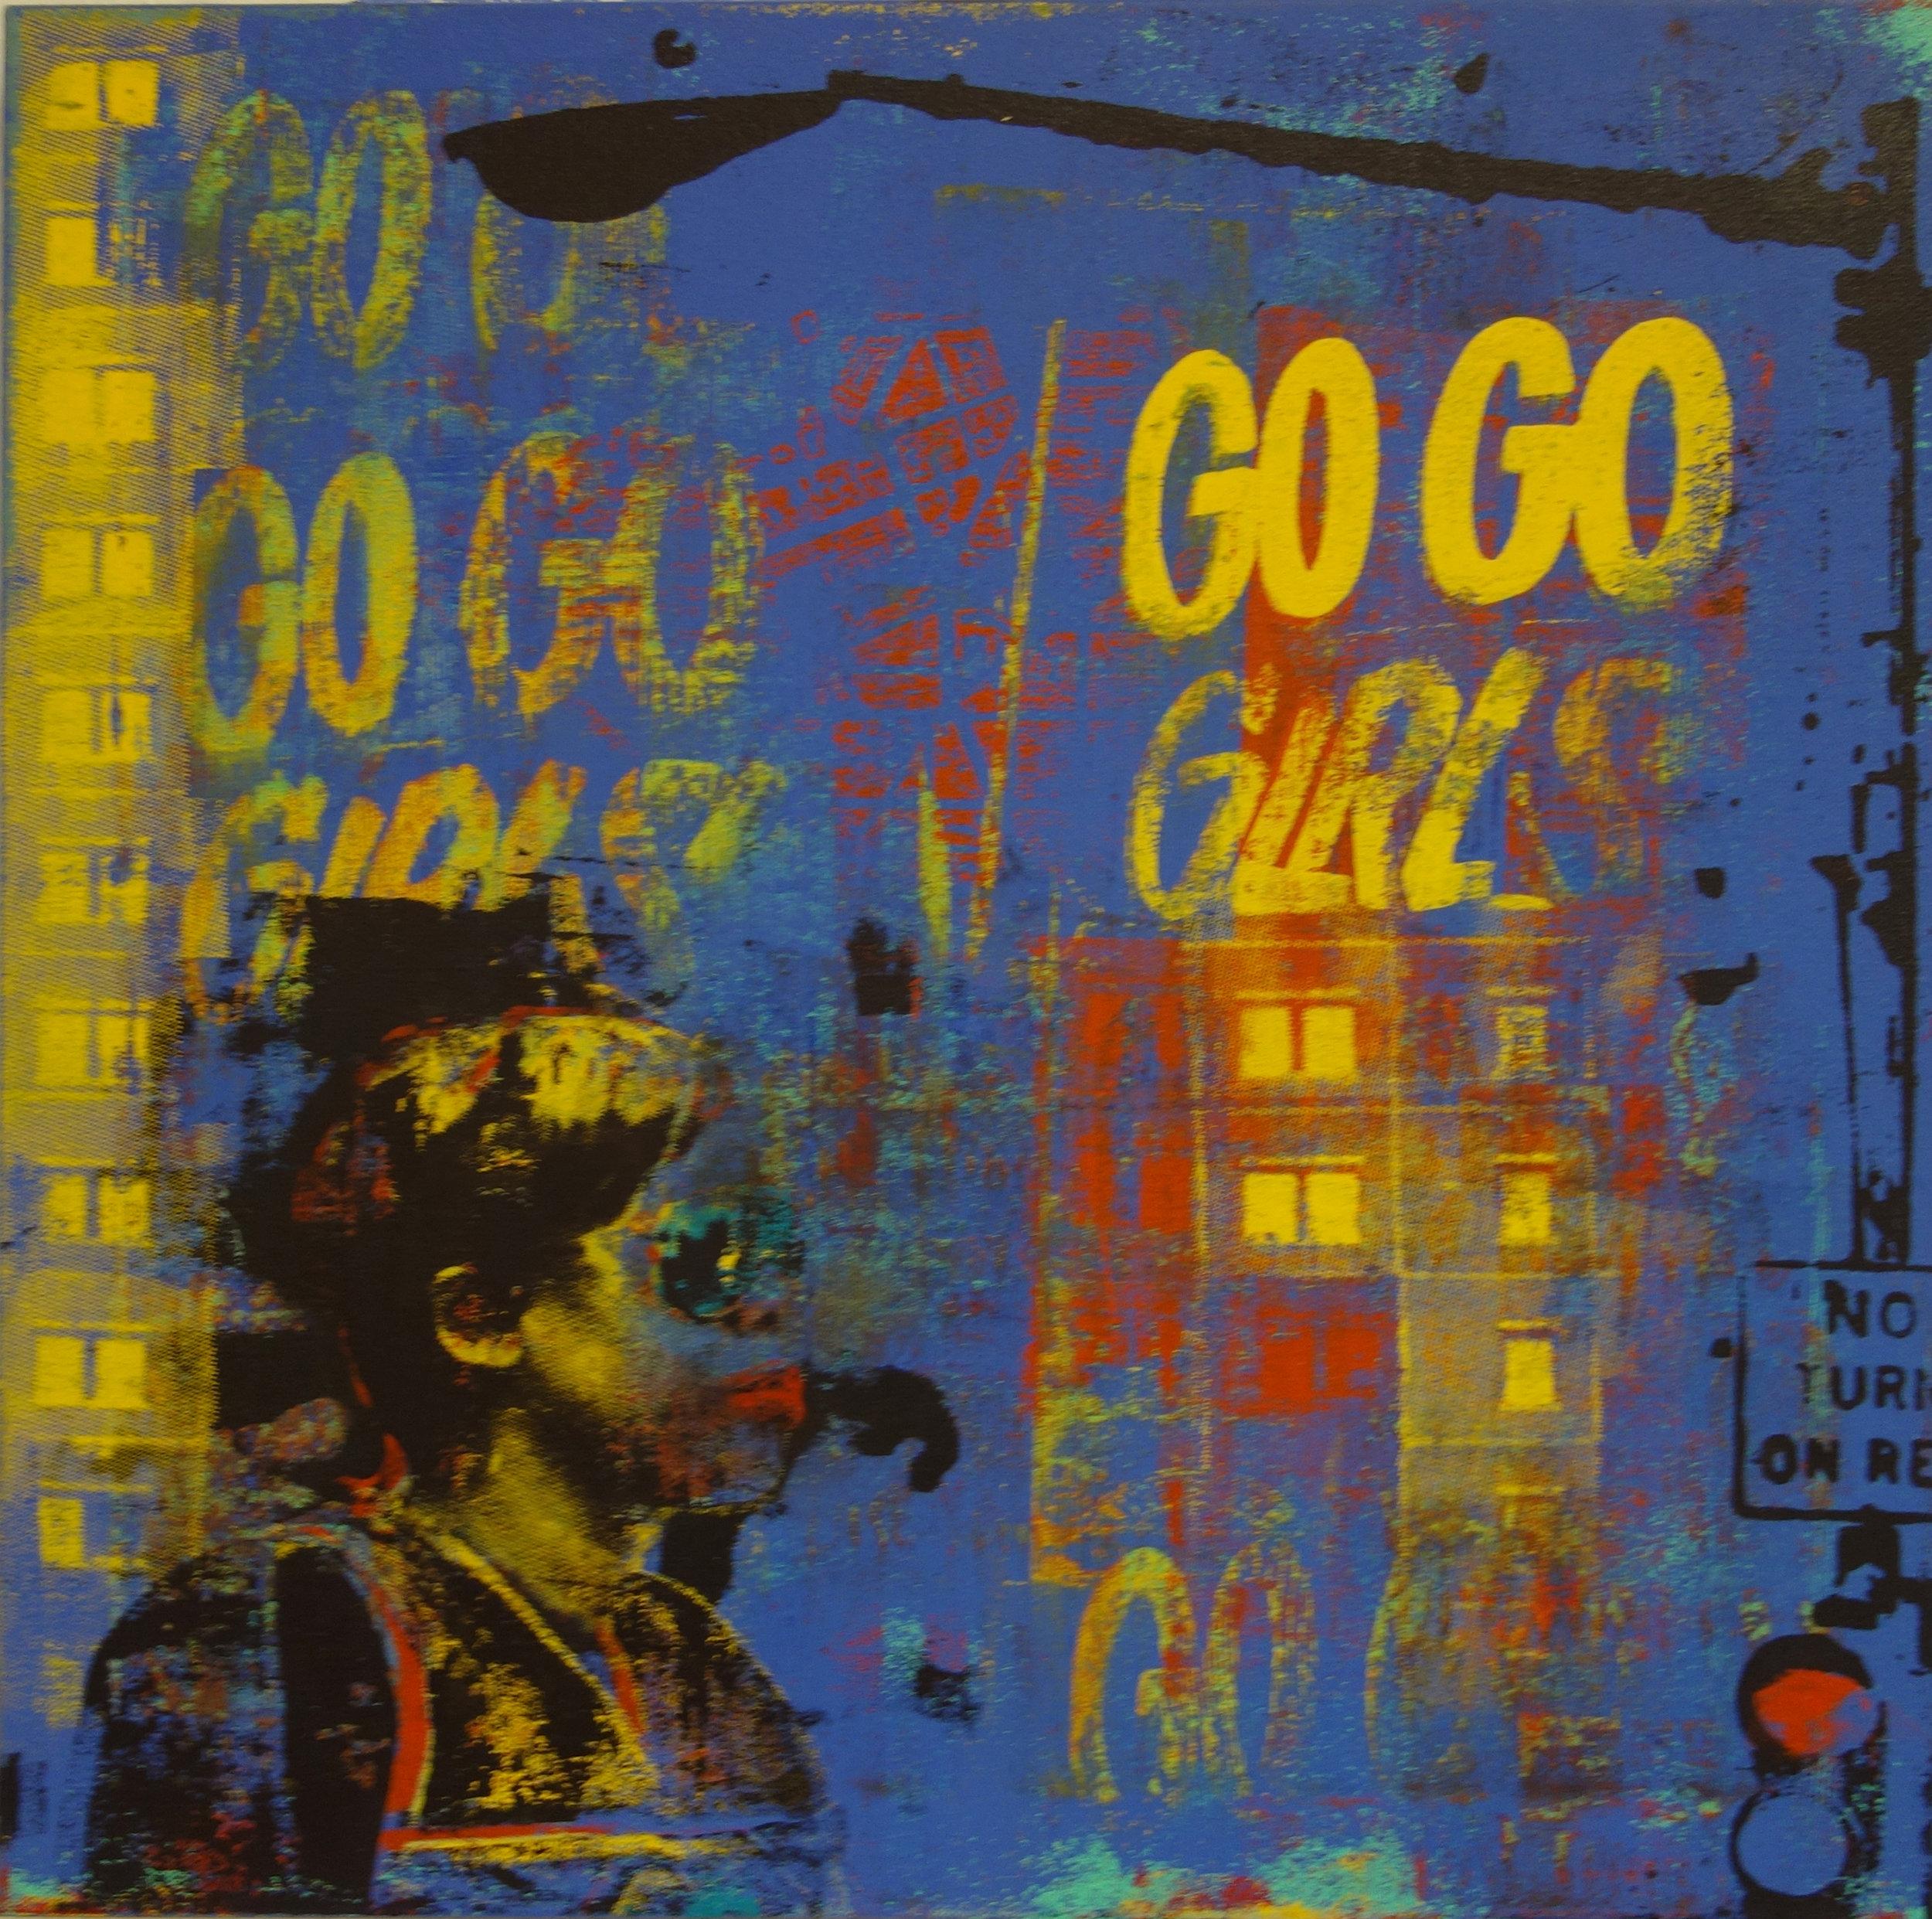 crossett.michael.Image#9.gogo.girl.jpg